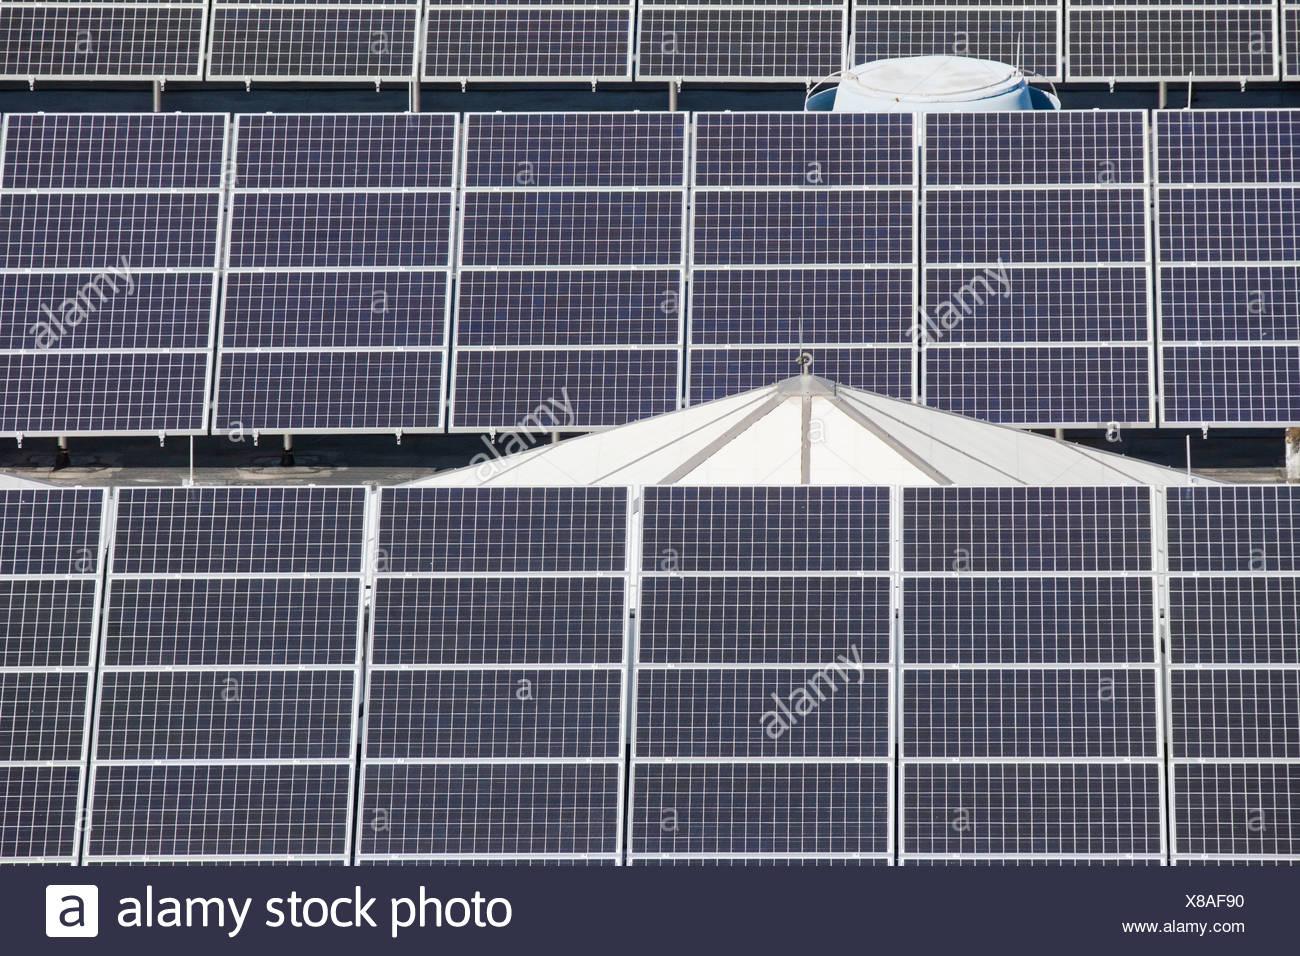 Des panneaux solaires dans une usine de traitement de l'eau Photo Stock